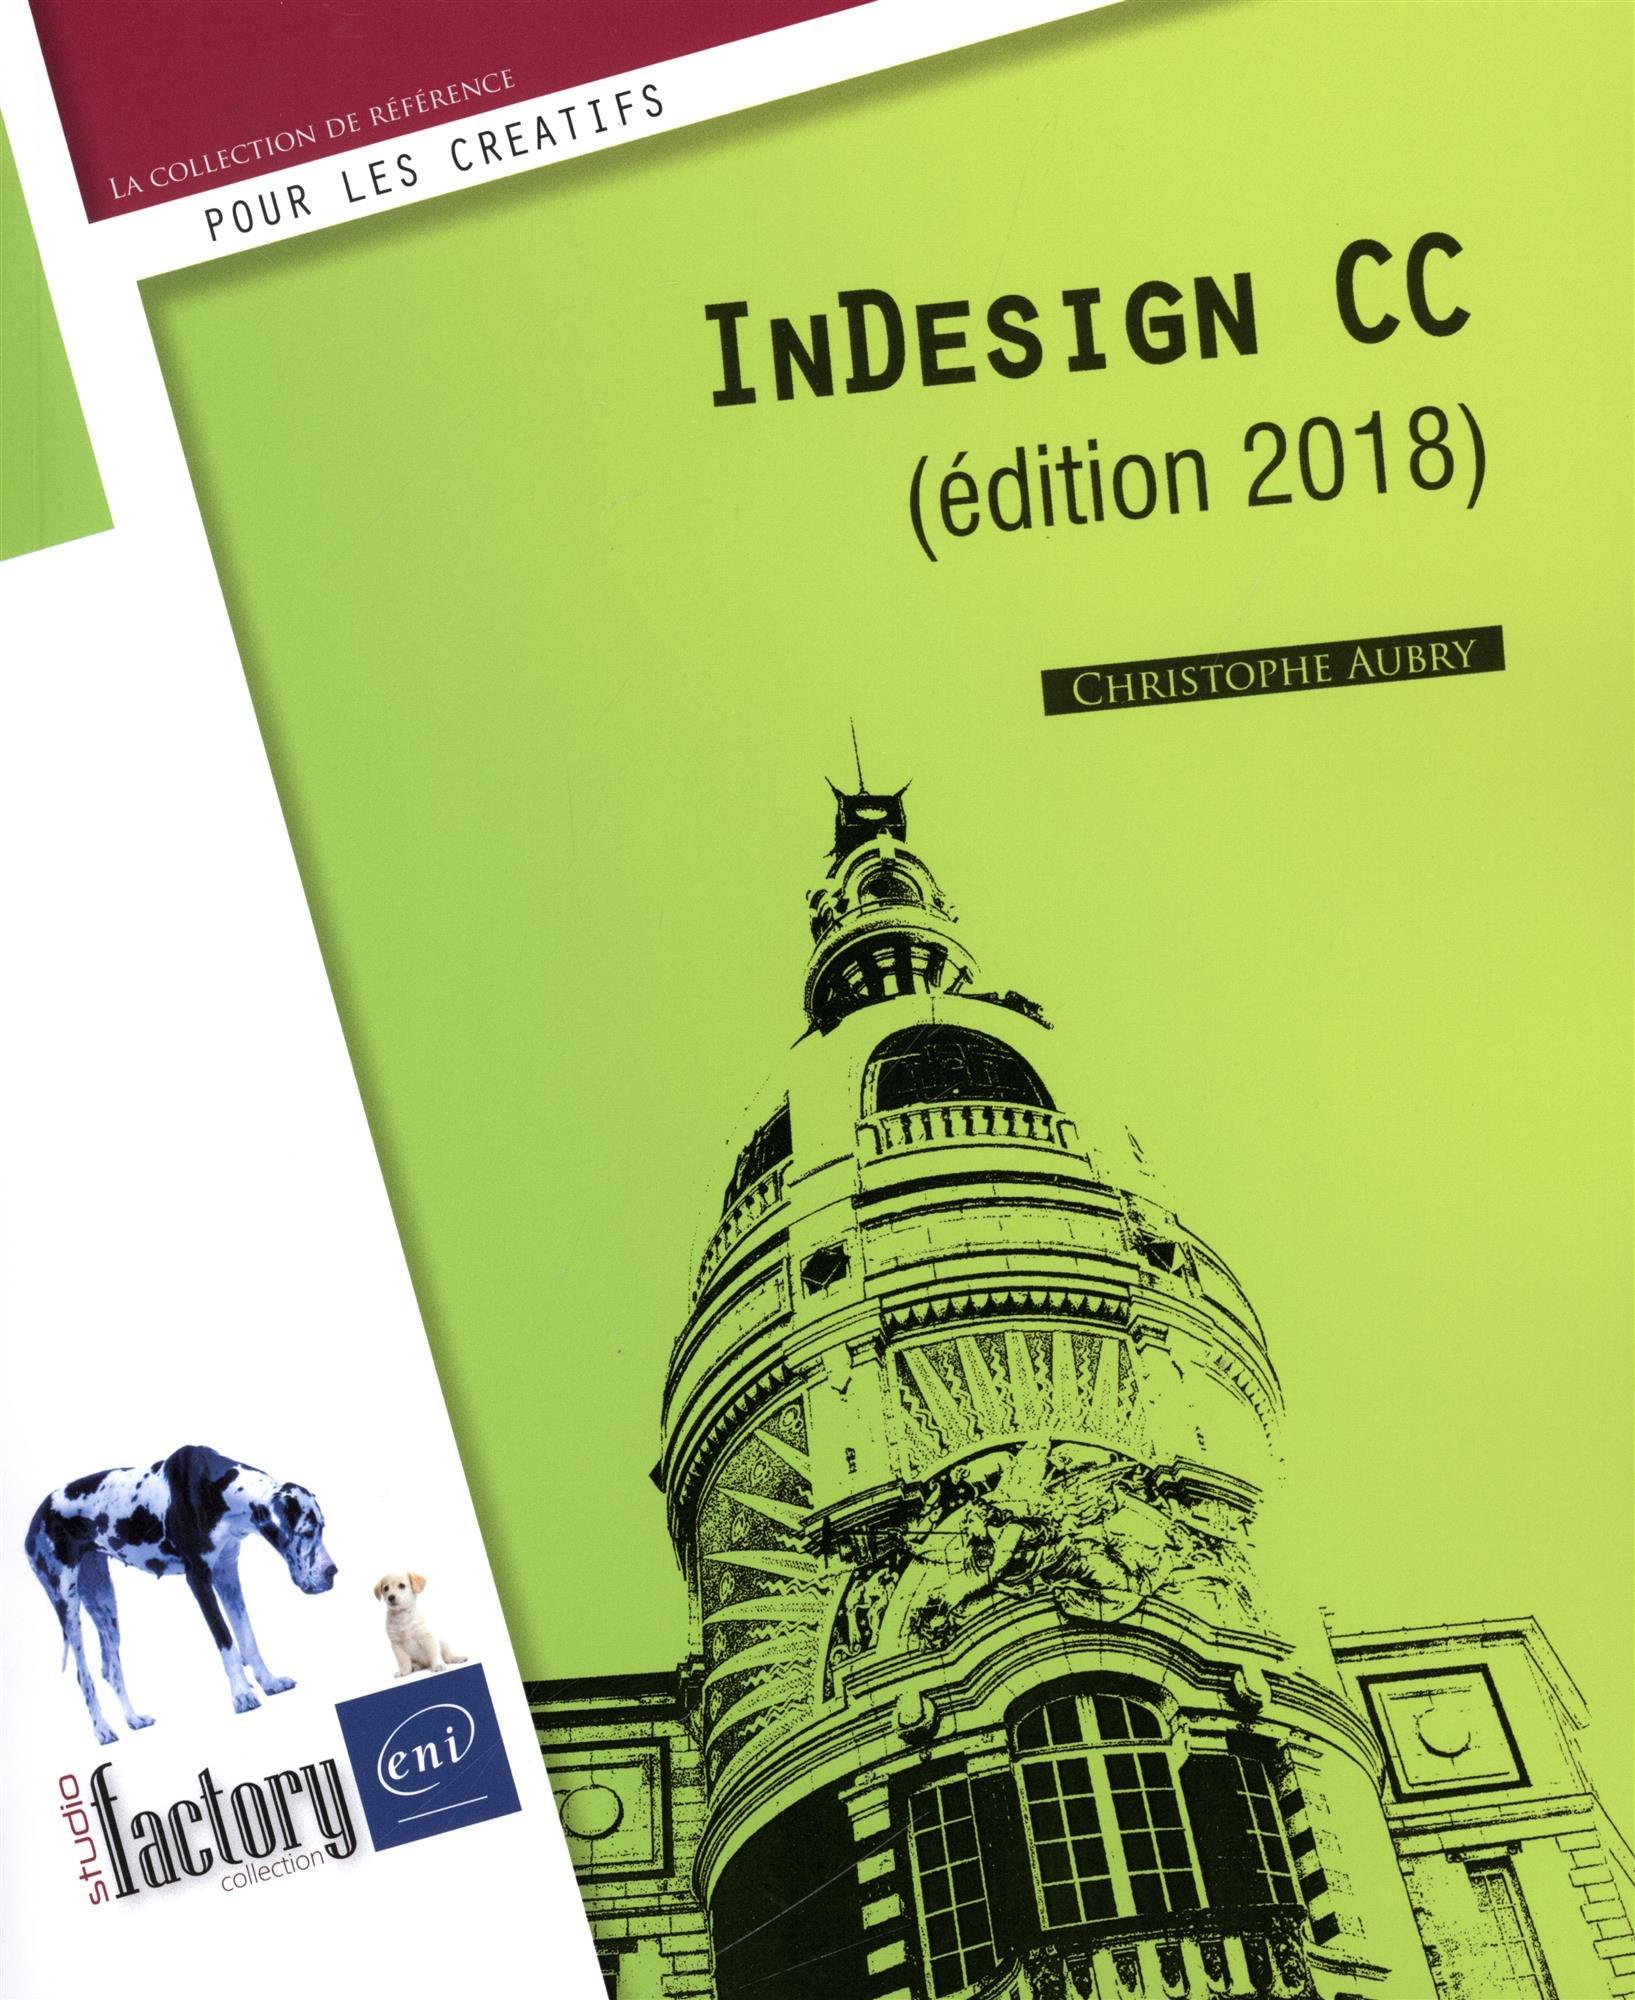 Indesign Cc 9782409013546 Amazon Com Books